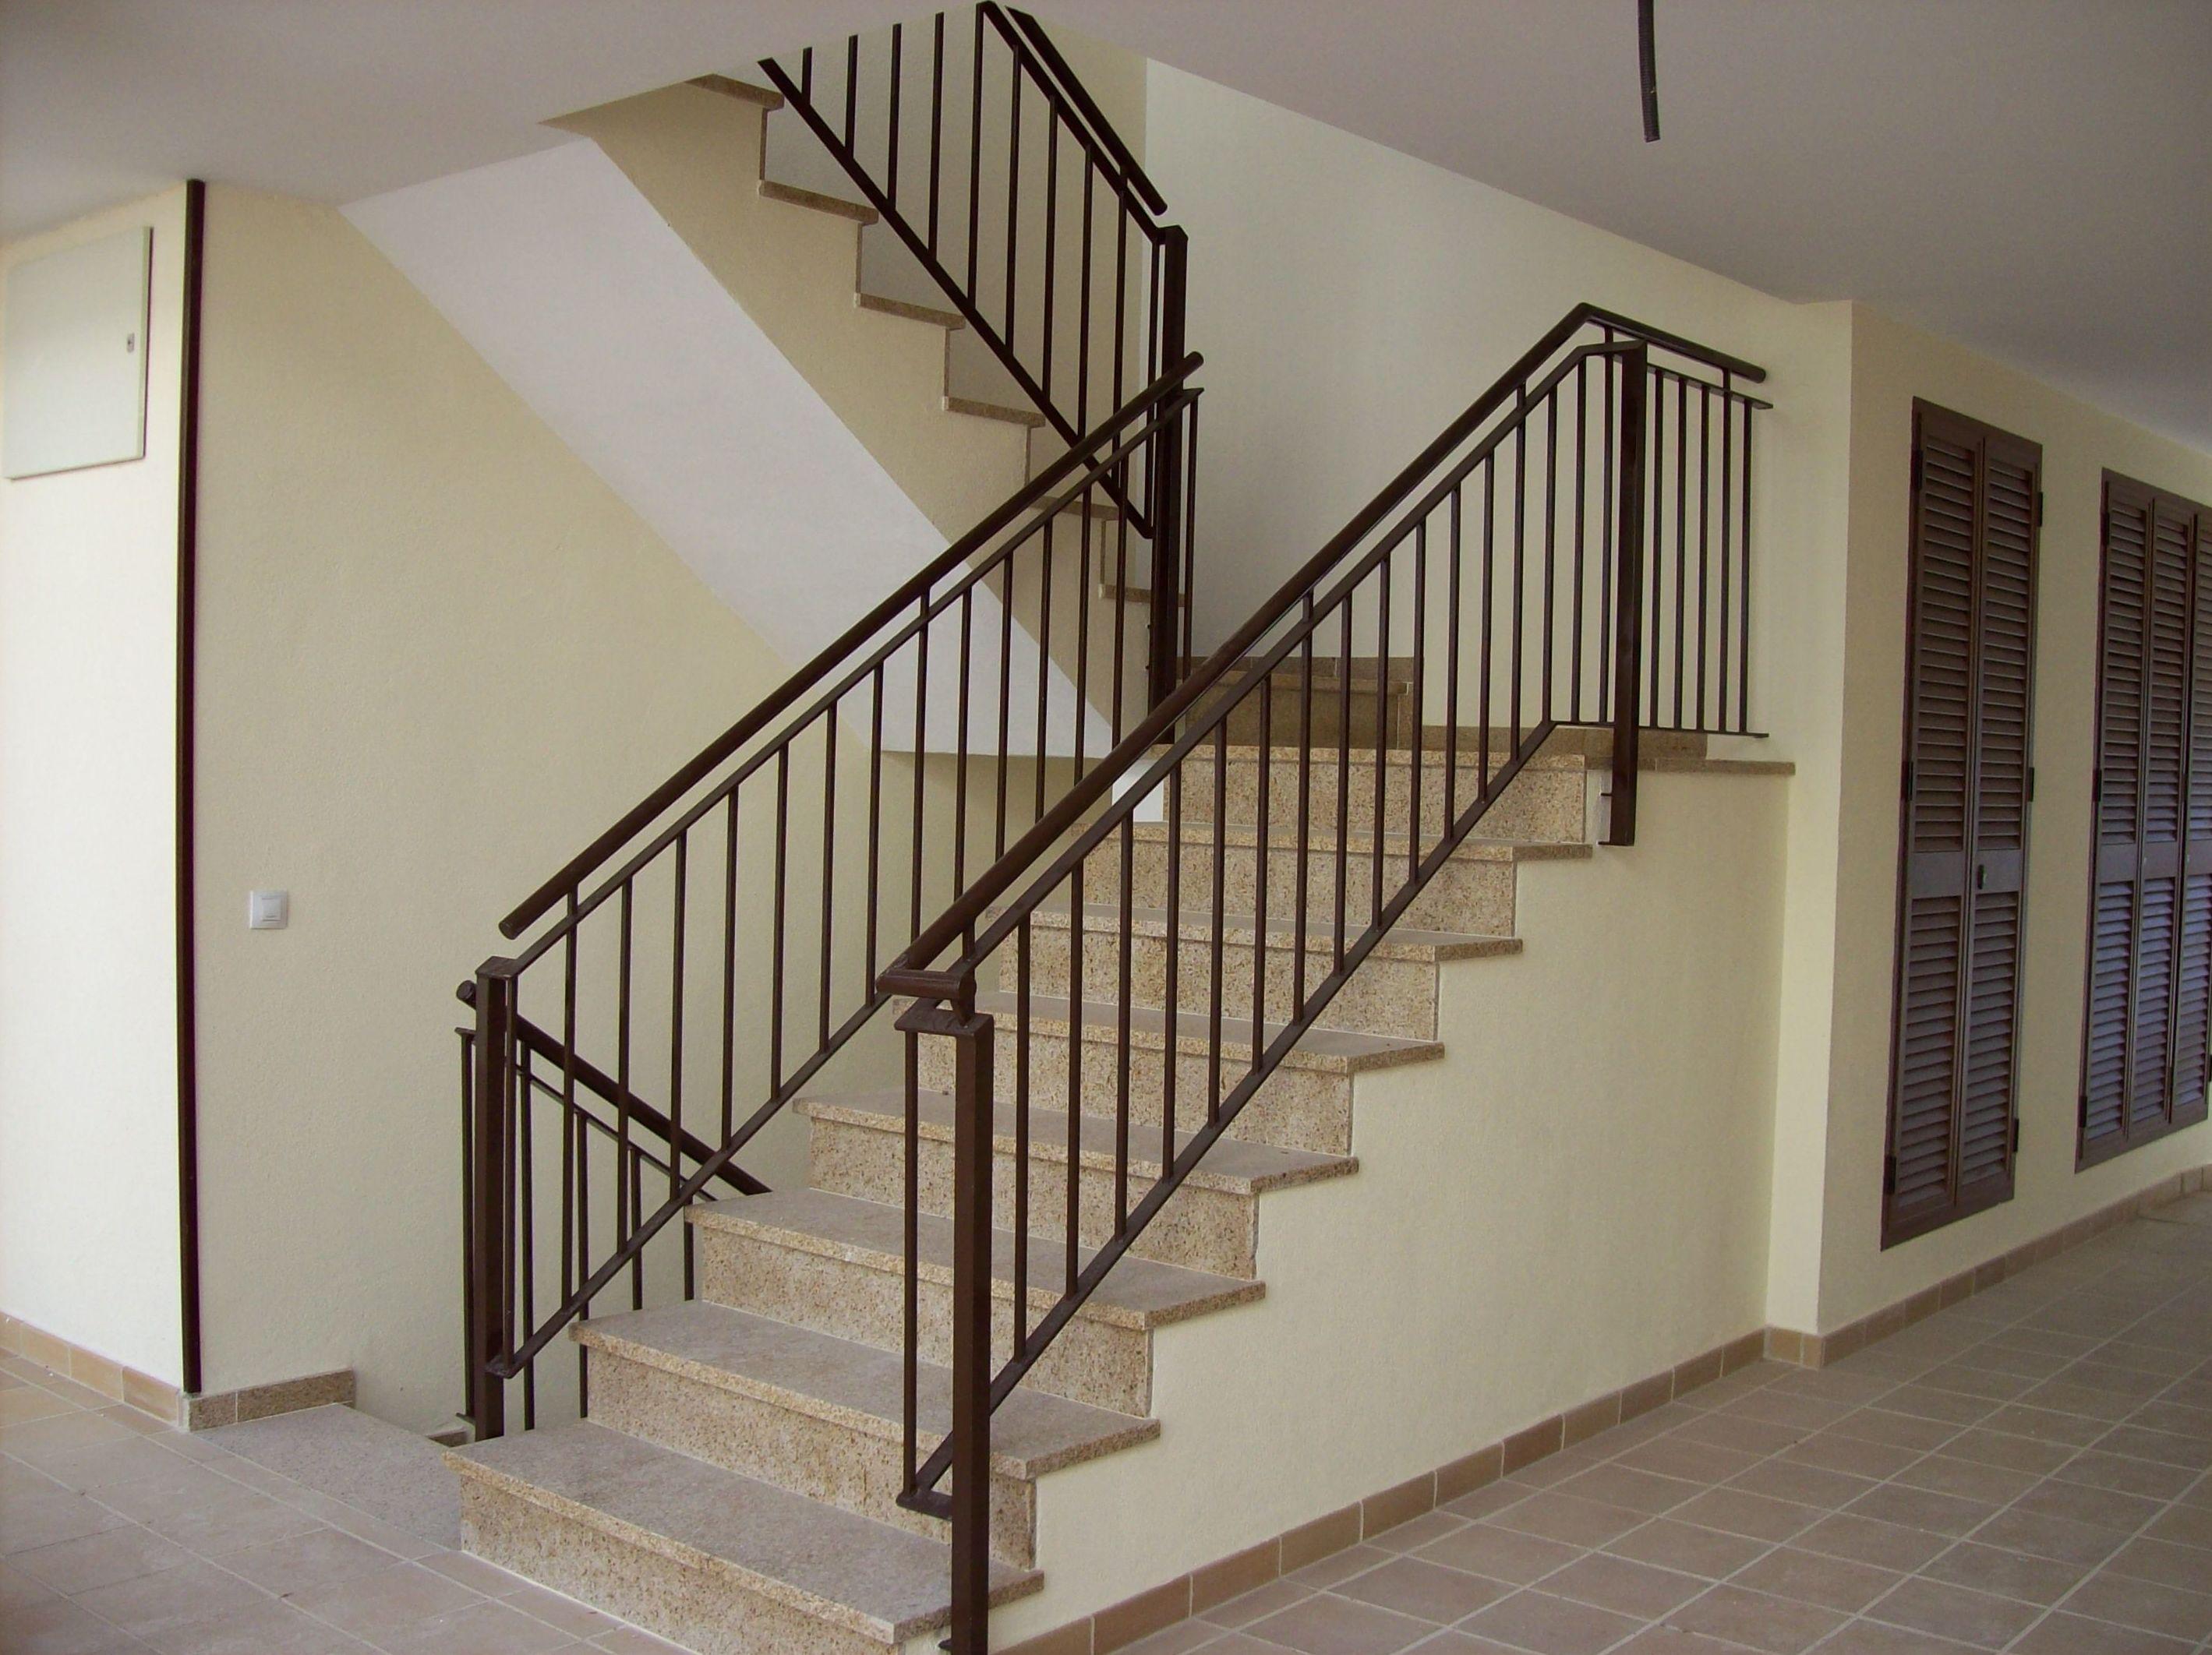 Foto 32 de puertas autom ticas en chiclana de la frontera - Barandales modernos para escaleras ...